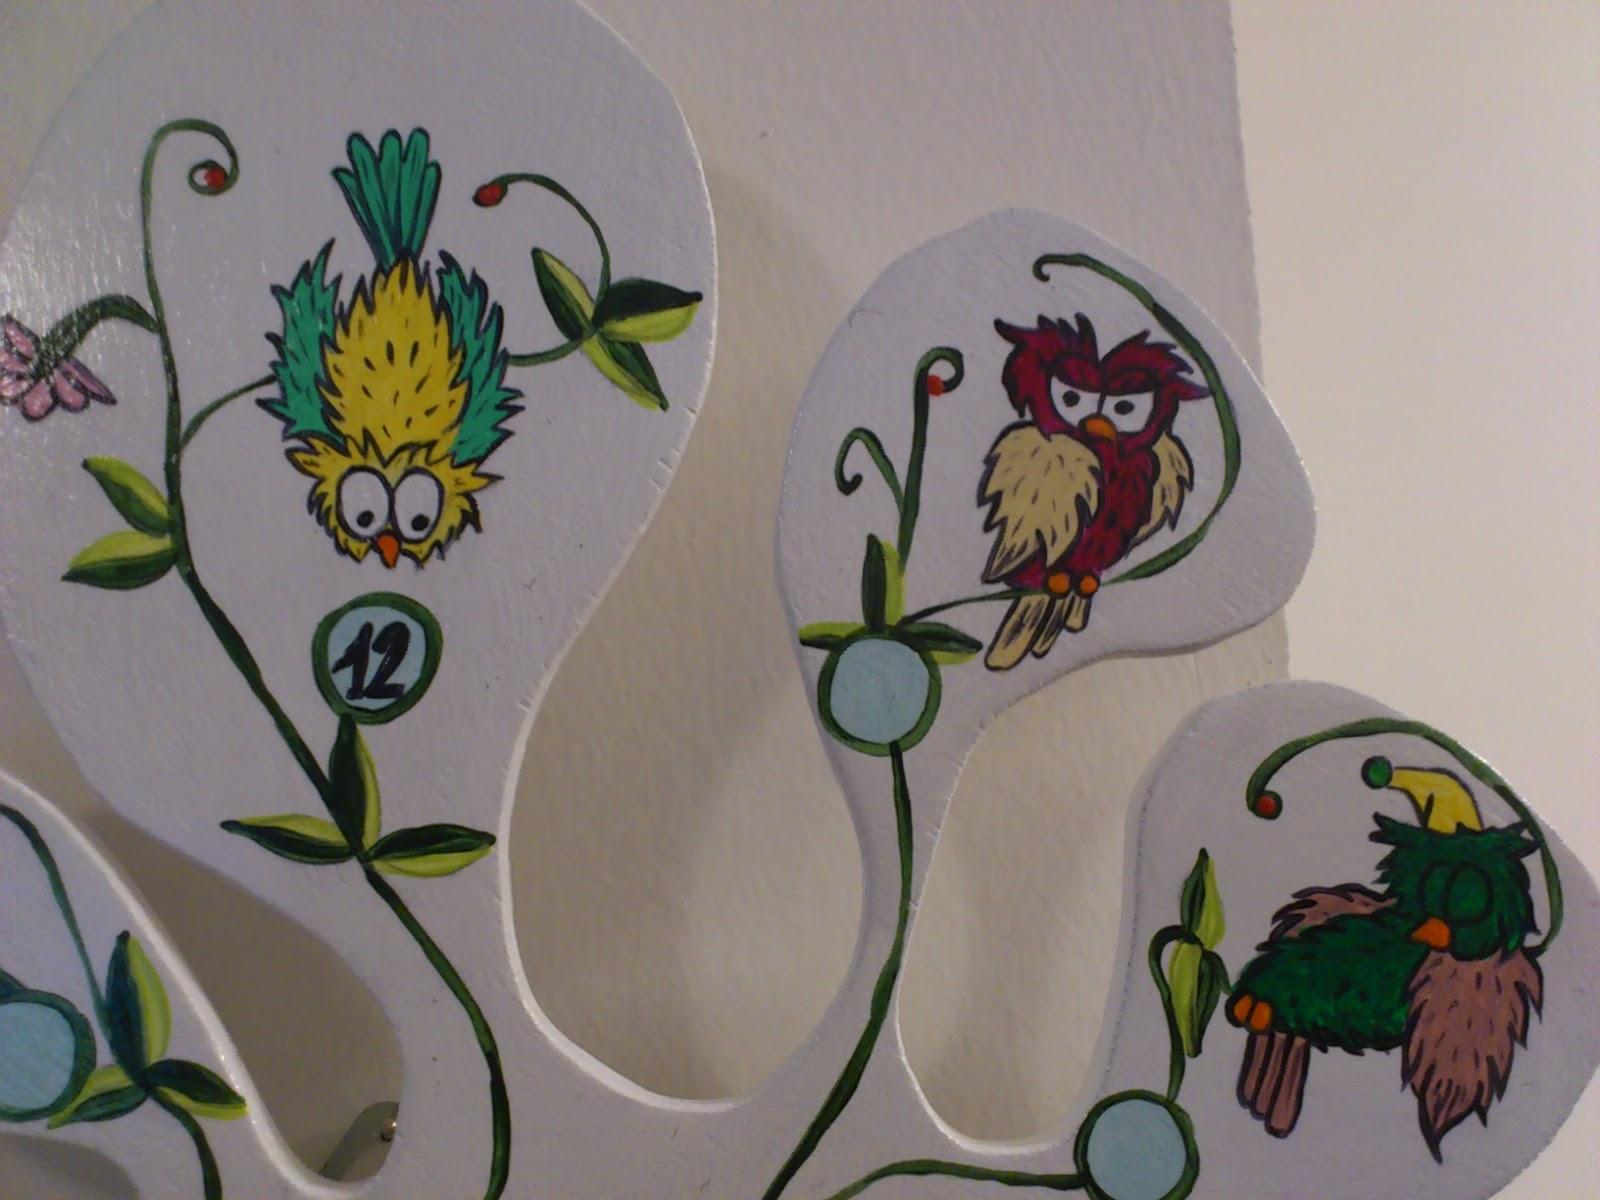 Officina ceramica by bv creazioni orologio gufoso da muro for Orologio da muro farfalle